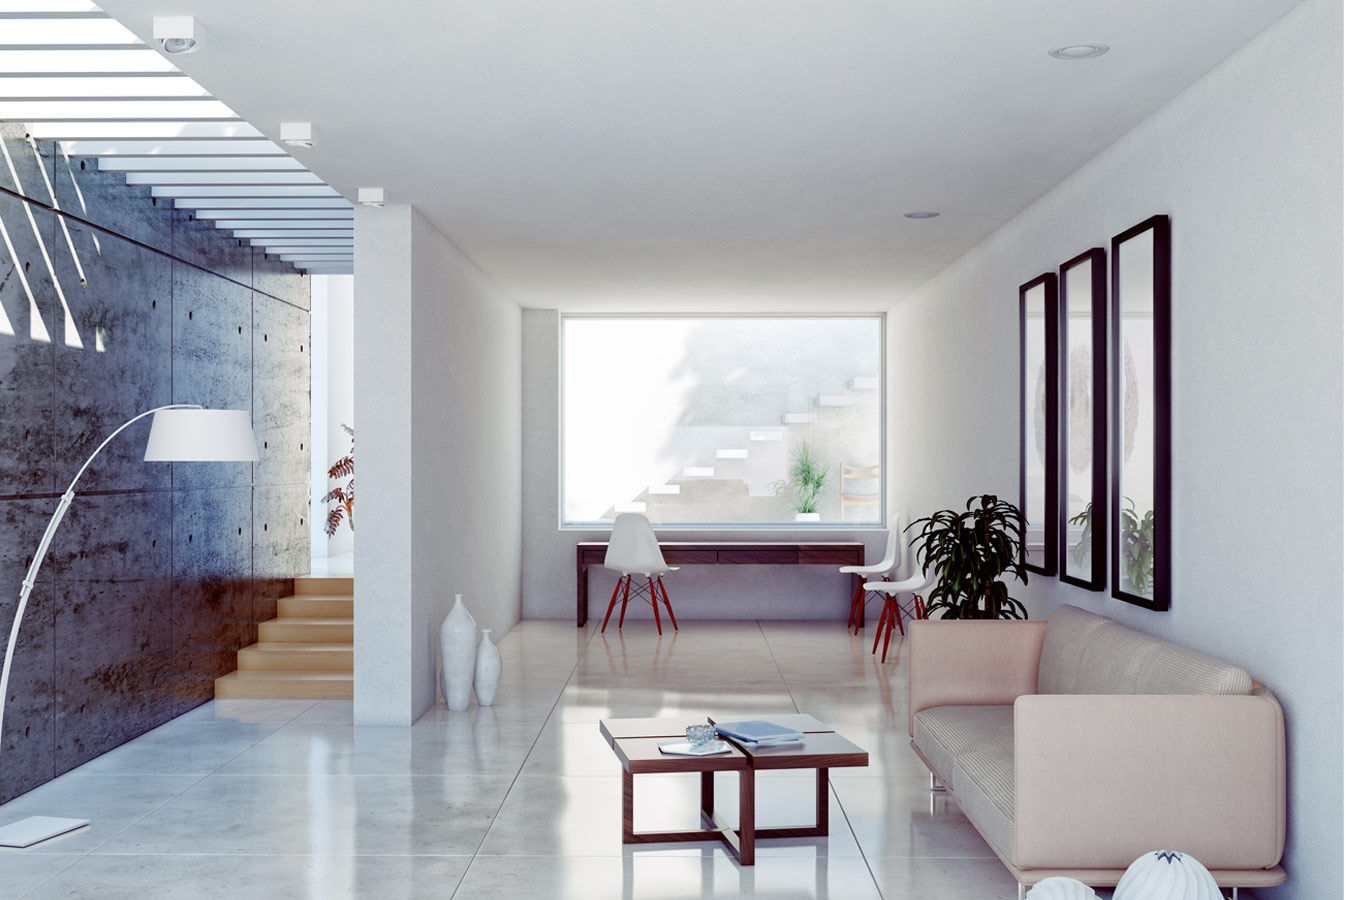 Idee n voor een moderne woonkamer inspiratie - Moderne eetkamer en woonkamer ...